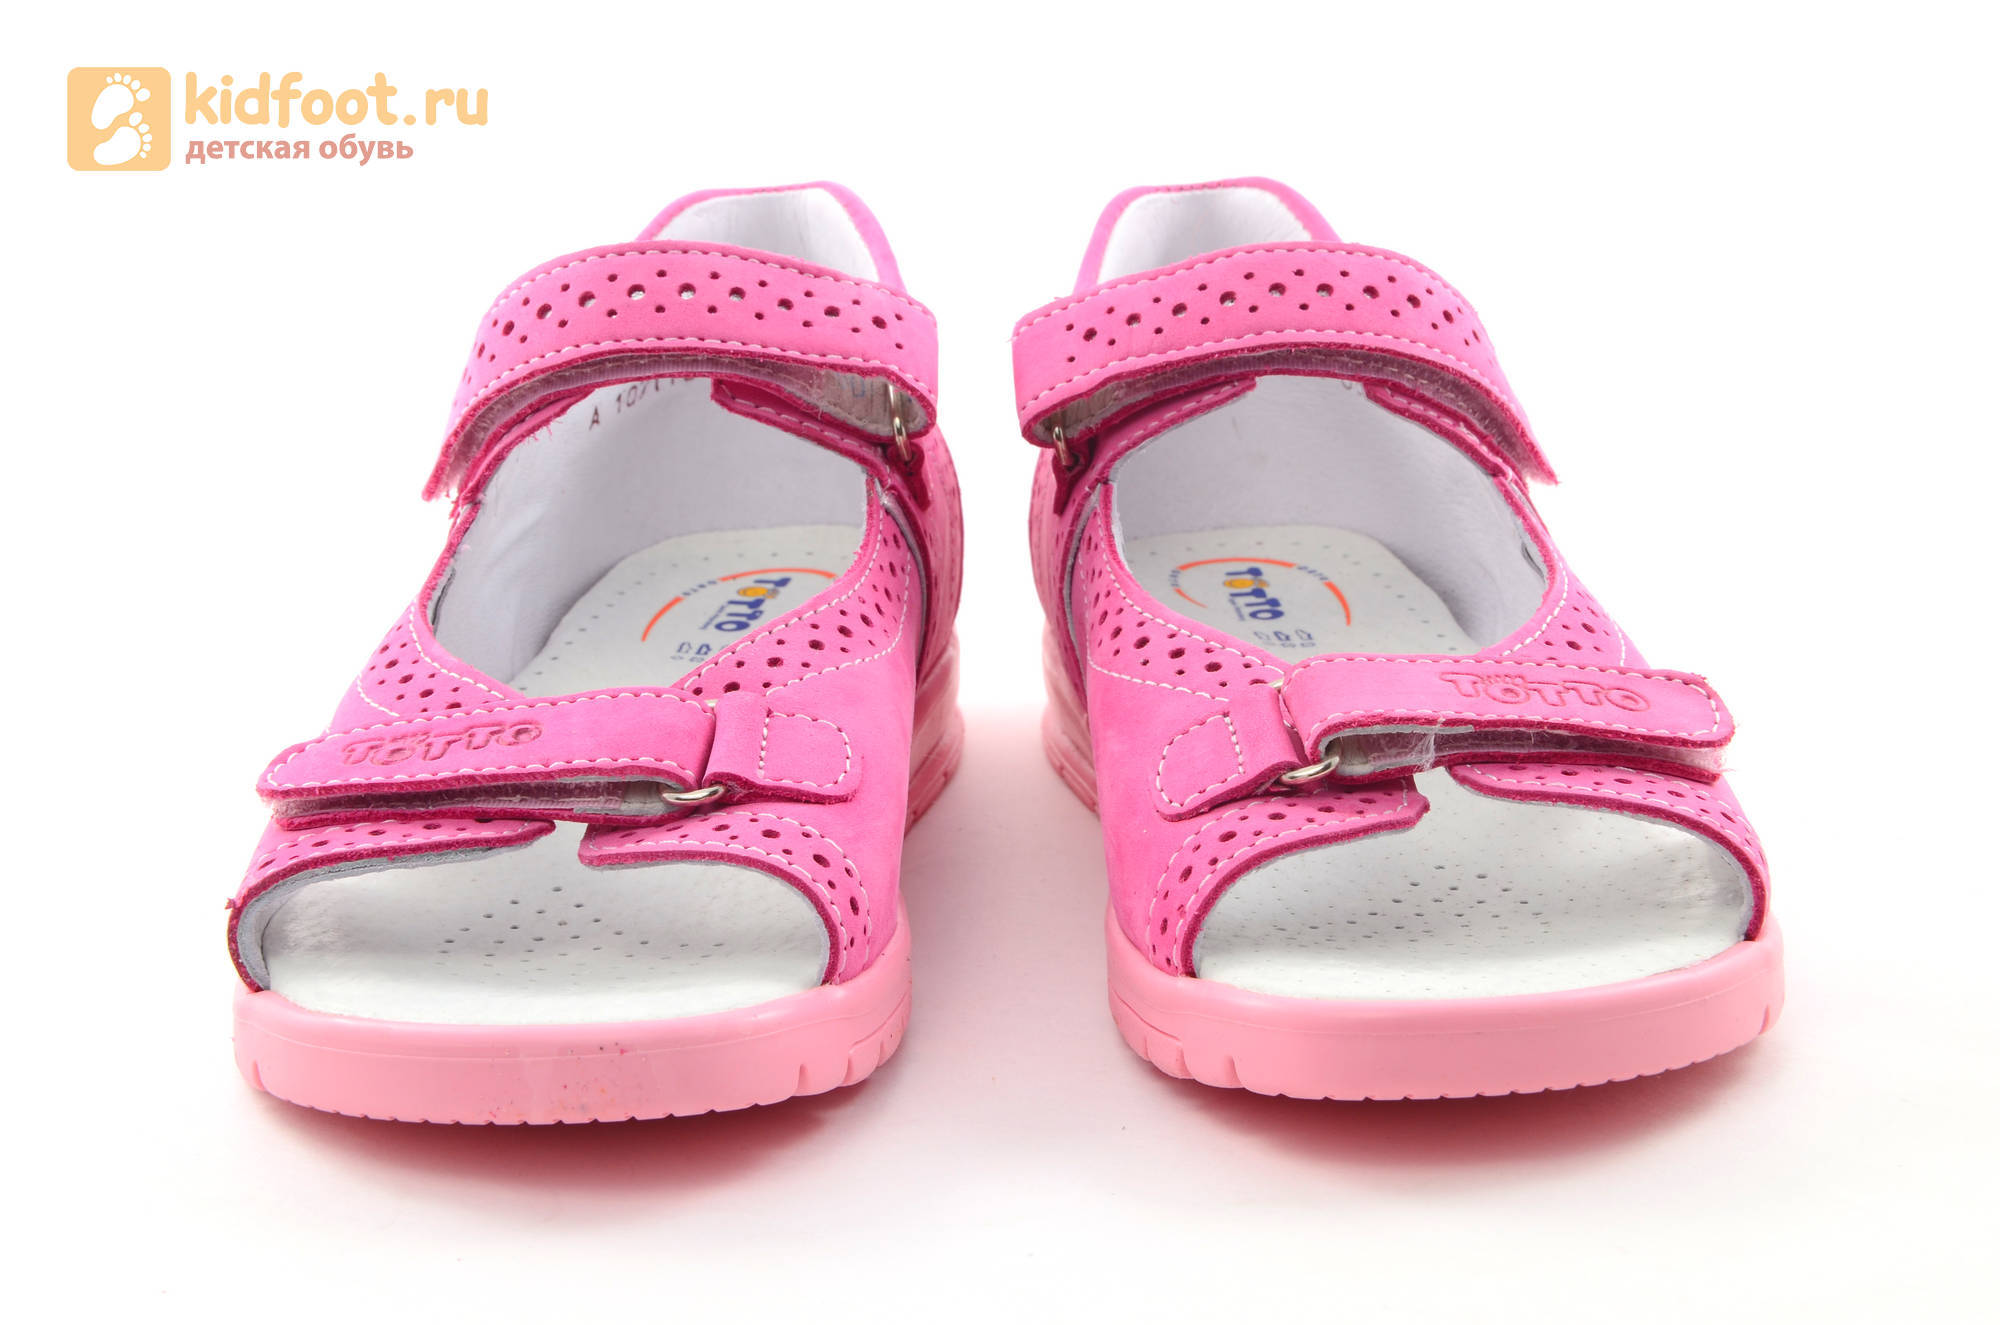 Босоножки для девочек из натуральной кожи с открытым носом на липучках Тотто, цвет розовый